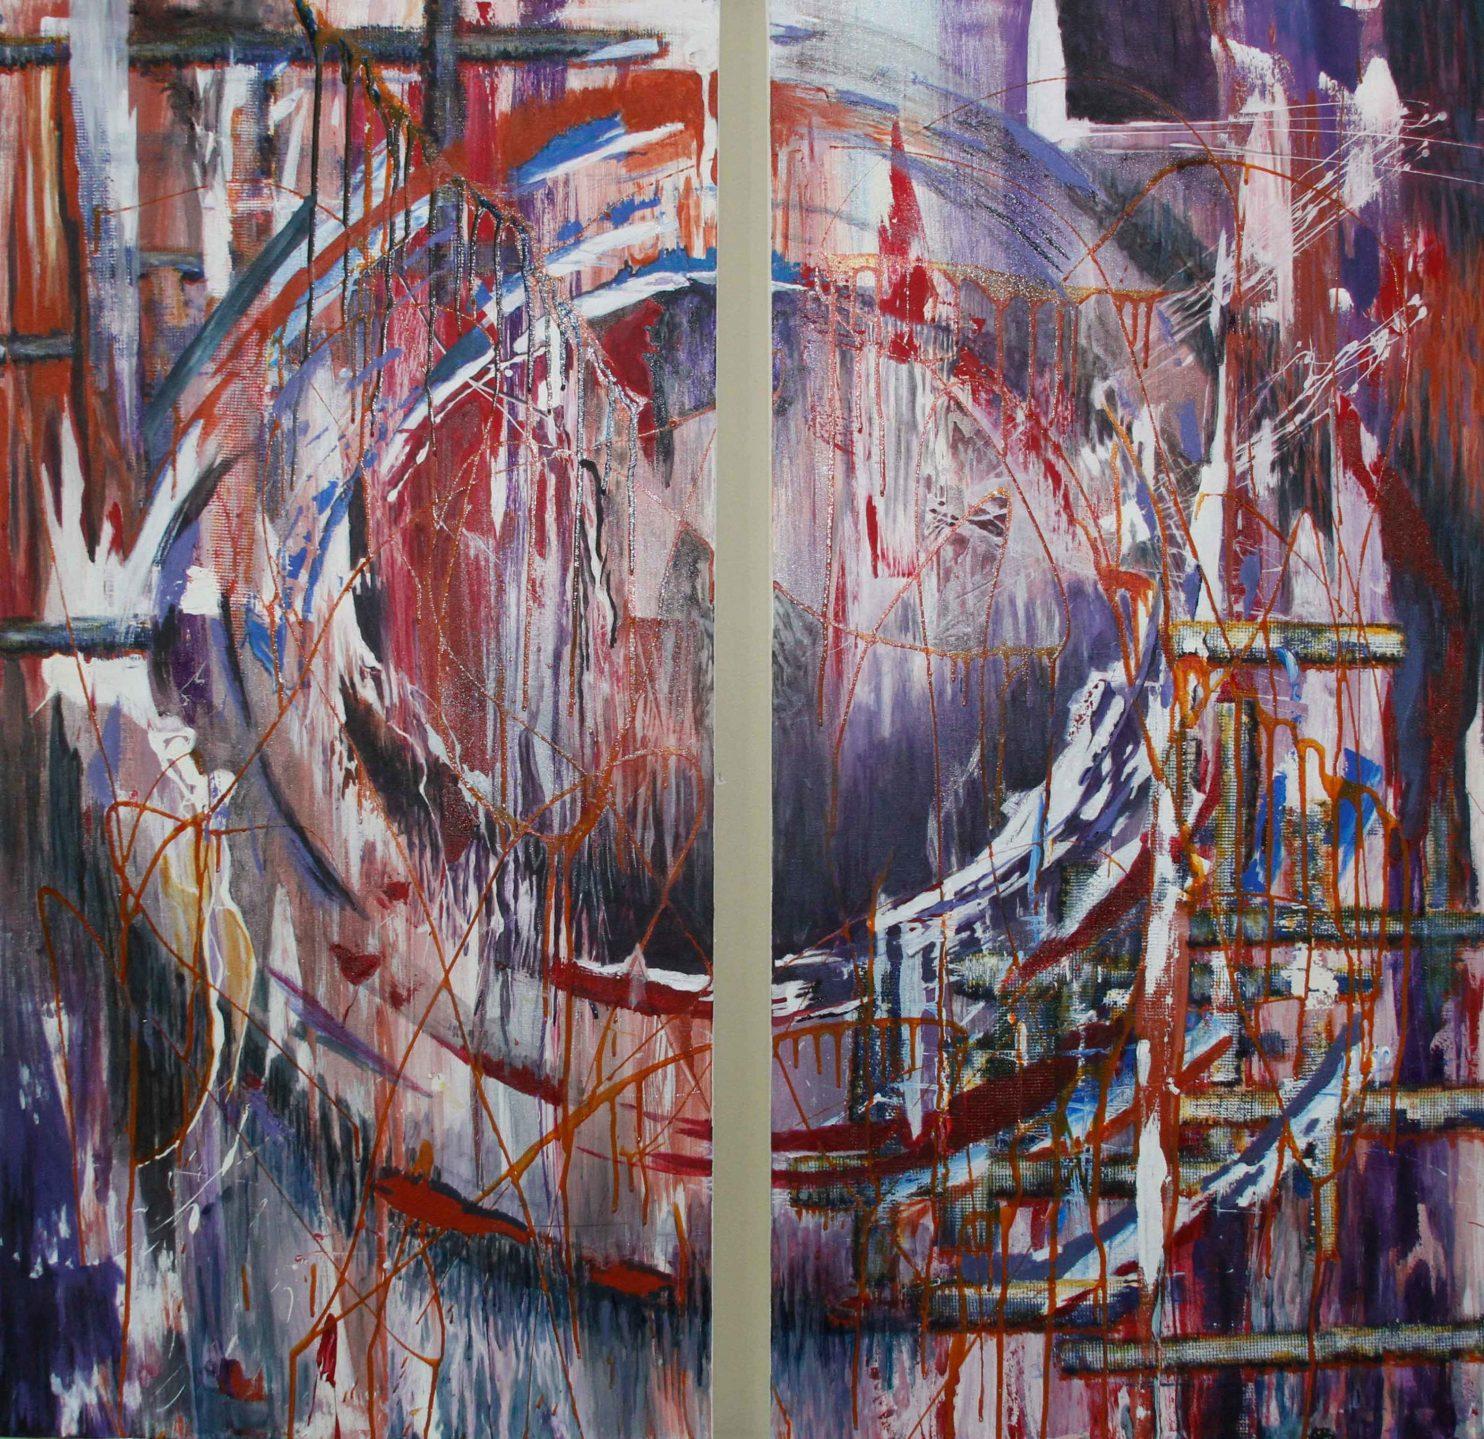 Centered Turbulence by Amylynn Burns USVAA